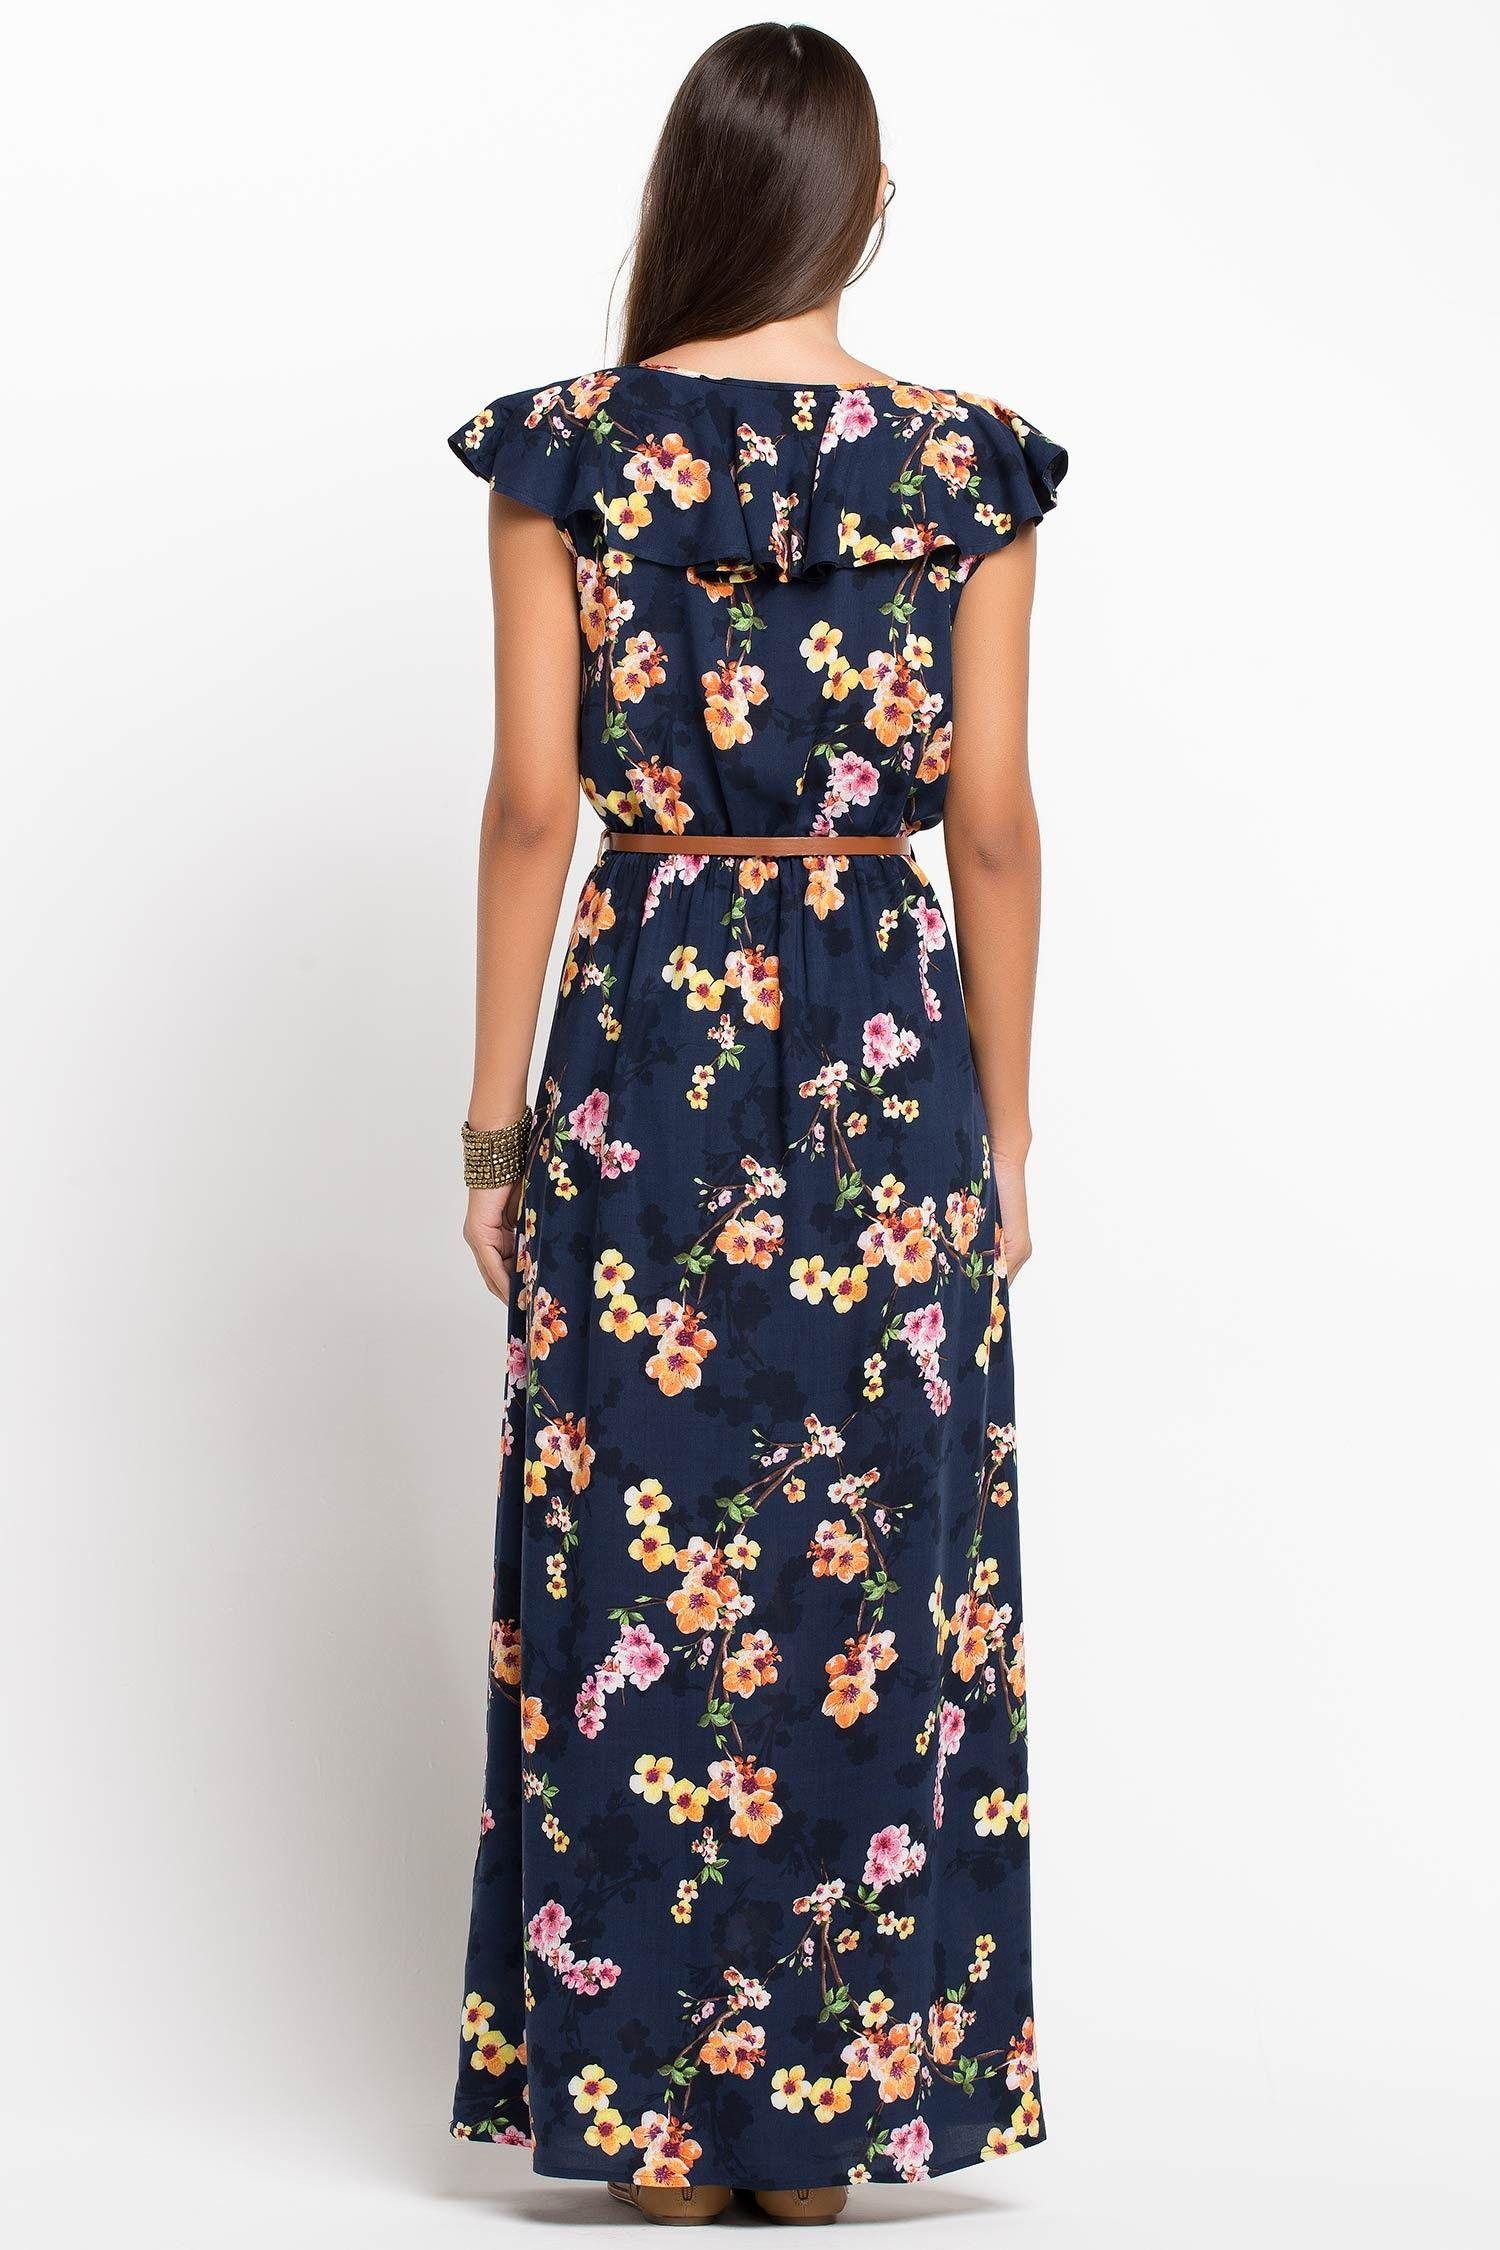 Cicek Desenli Elbise Elbise Maksi Elbiseler The Dress